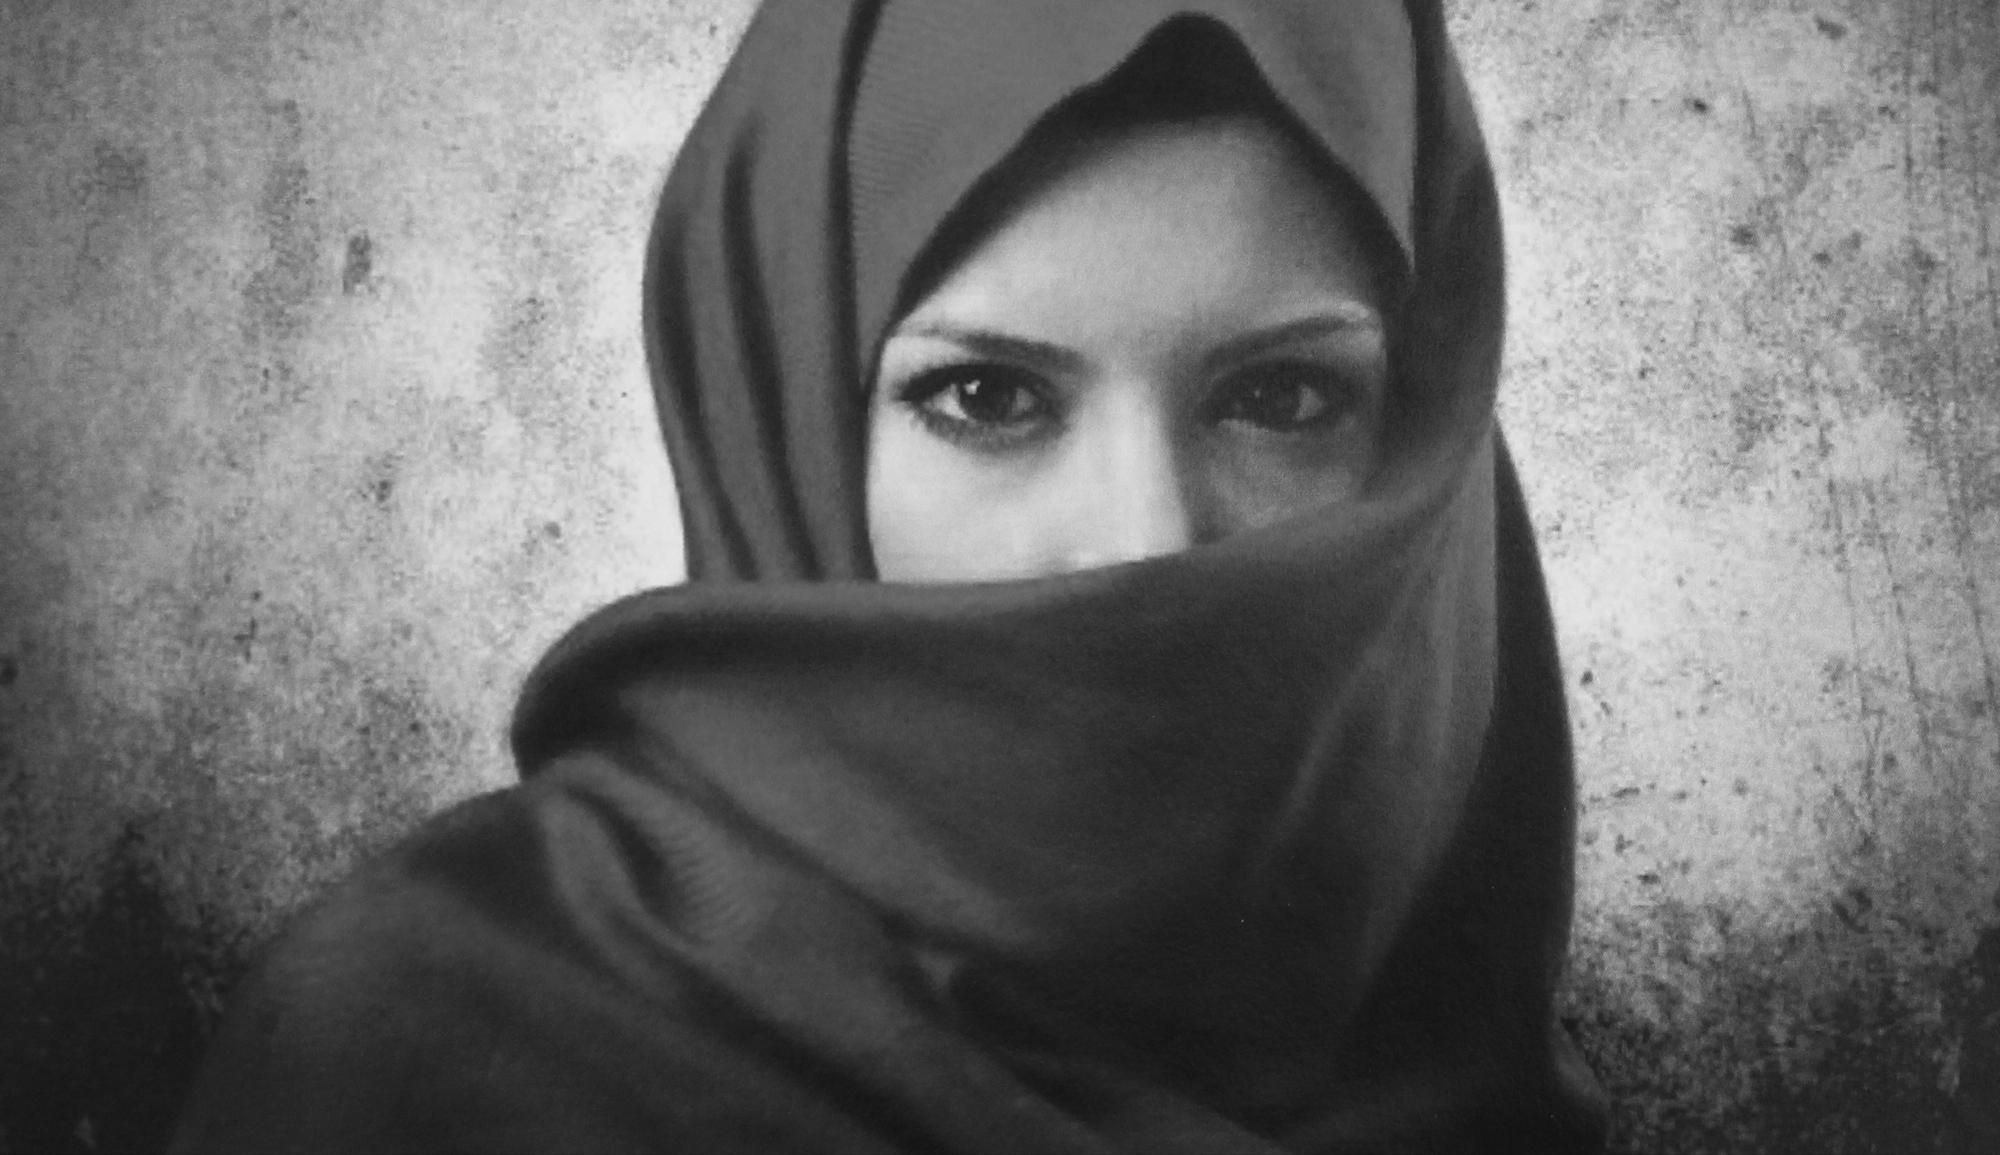 5 สาเหตุที่ท่านอุมัร ให้อภัยภรรยา